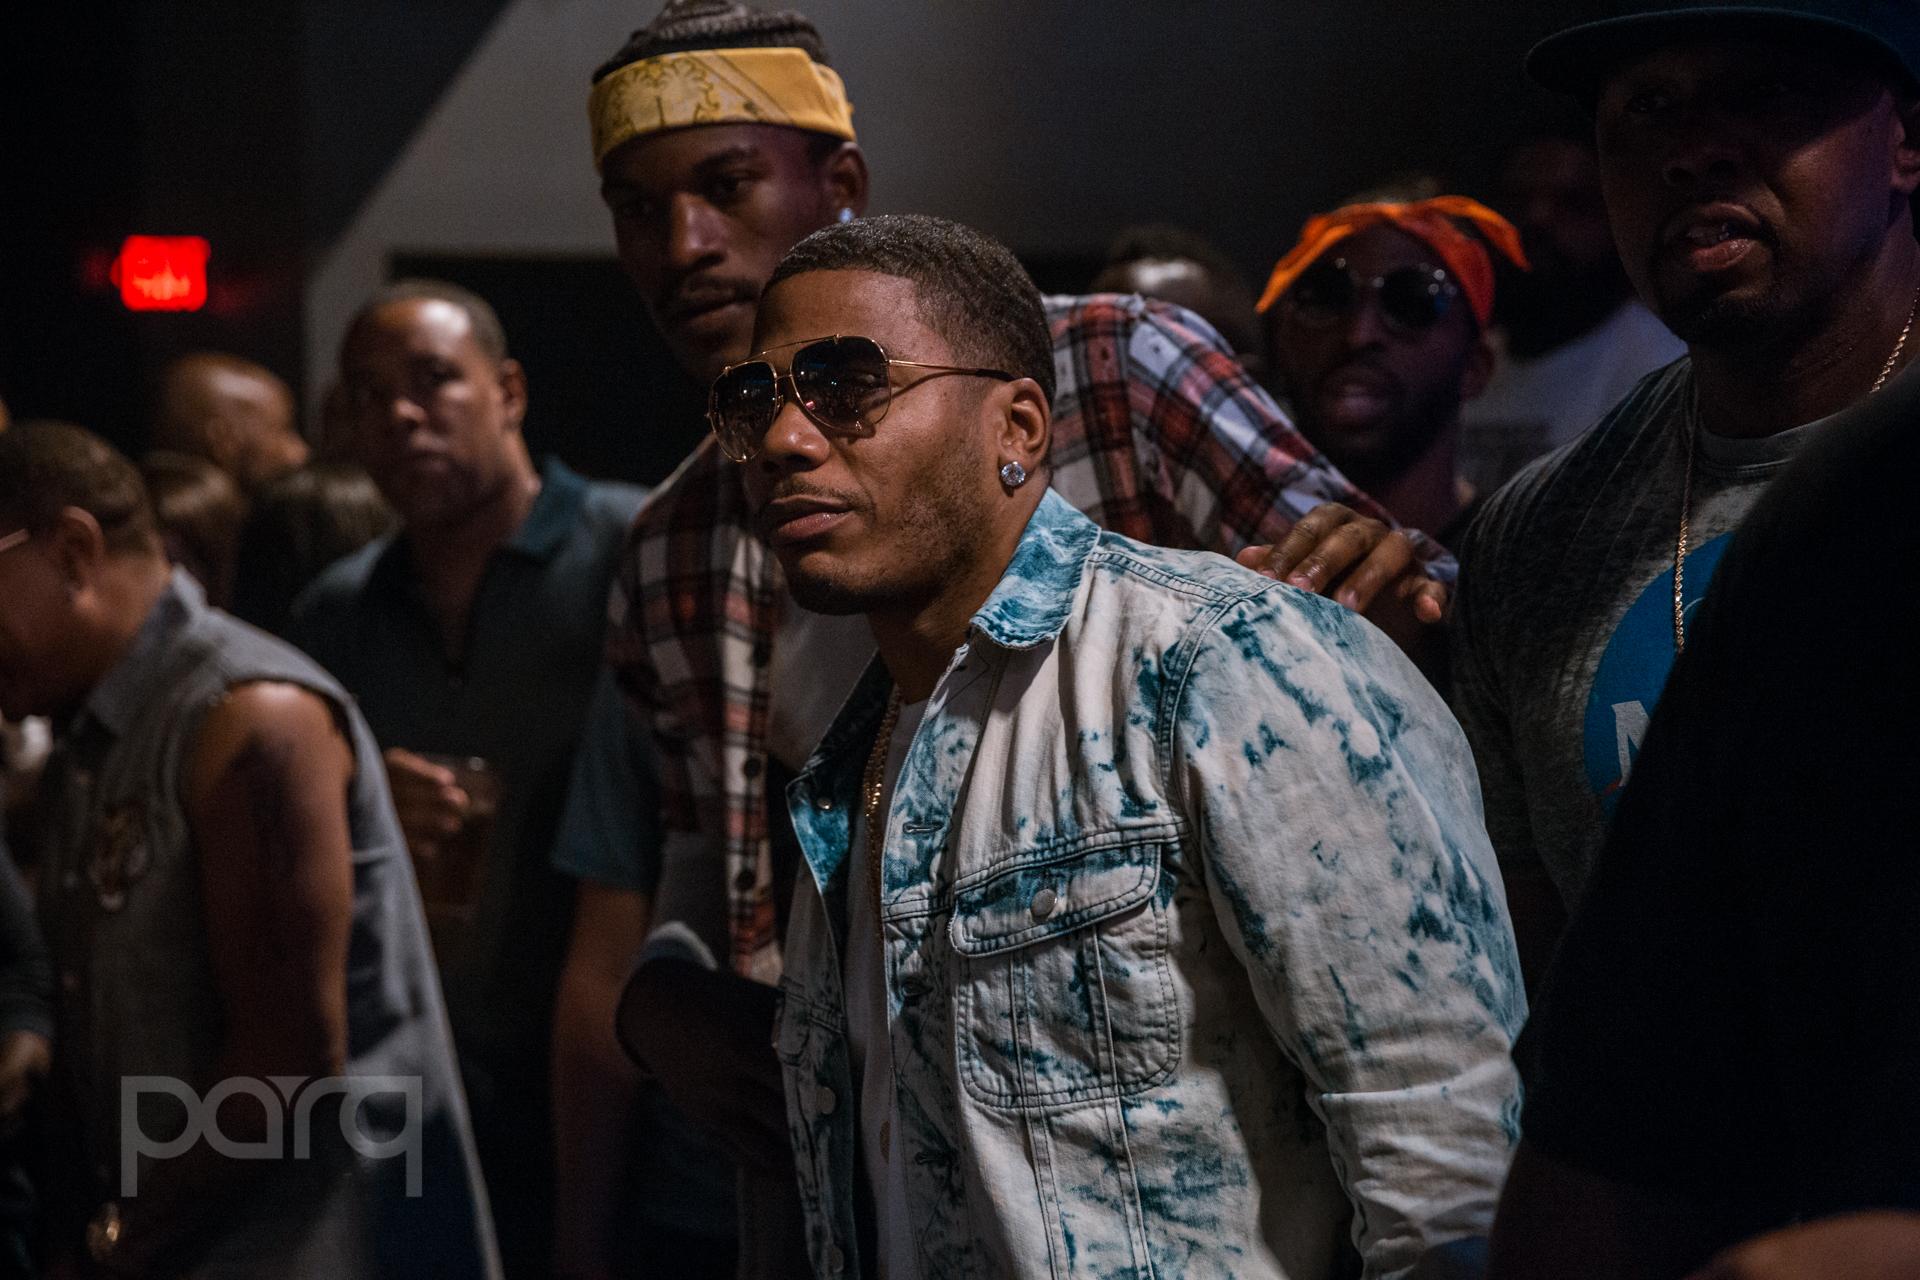 09.09.17 Parq - Nelly-34.jpg